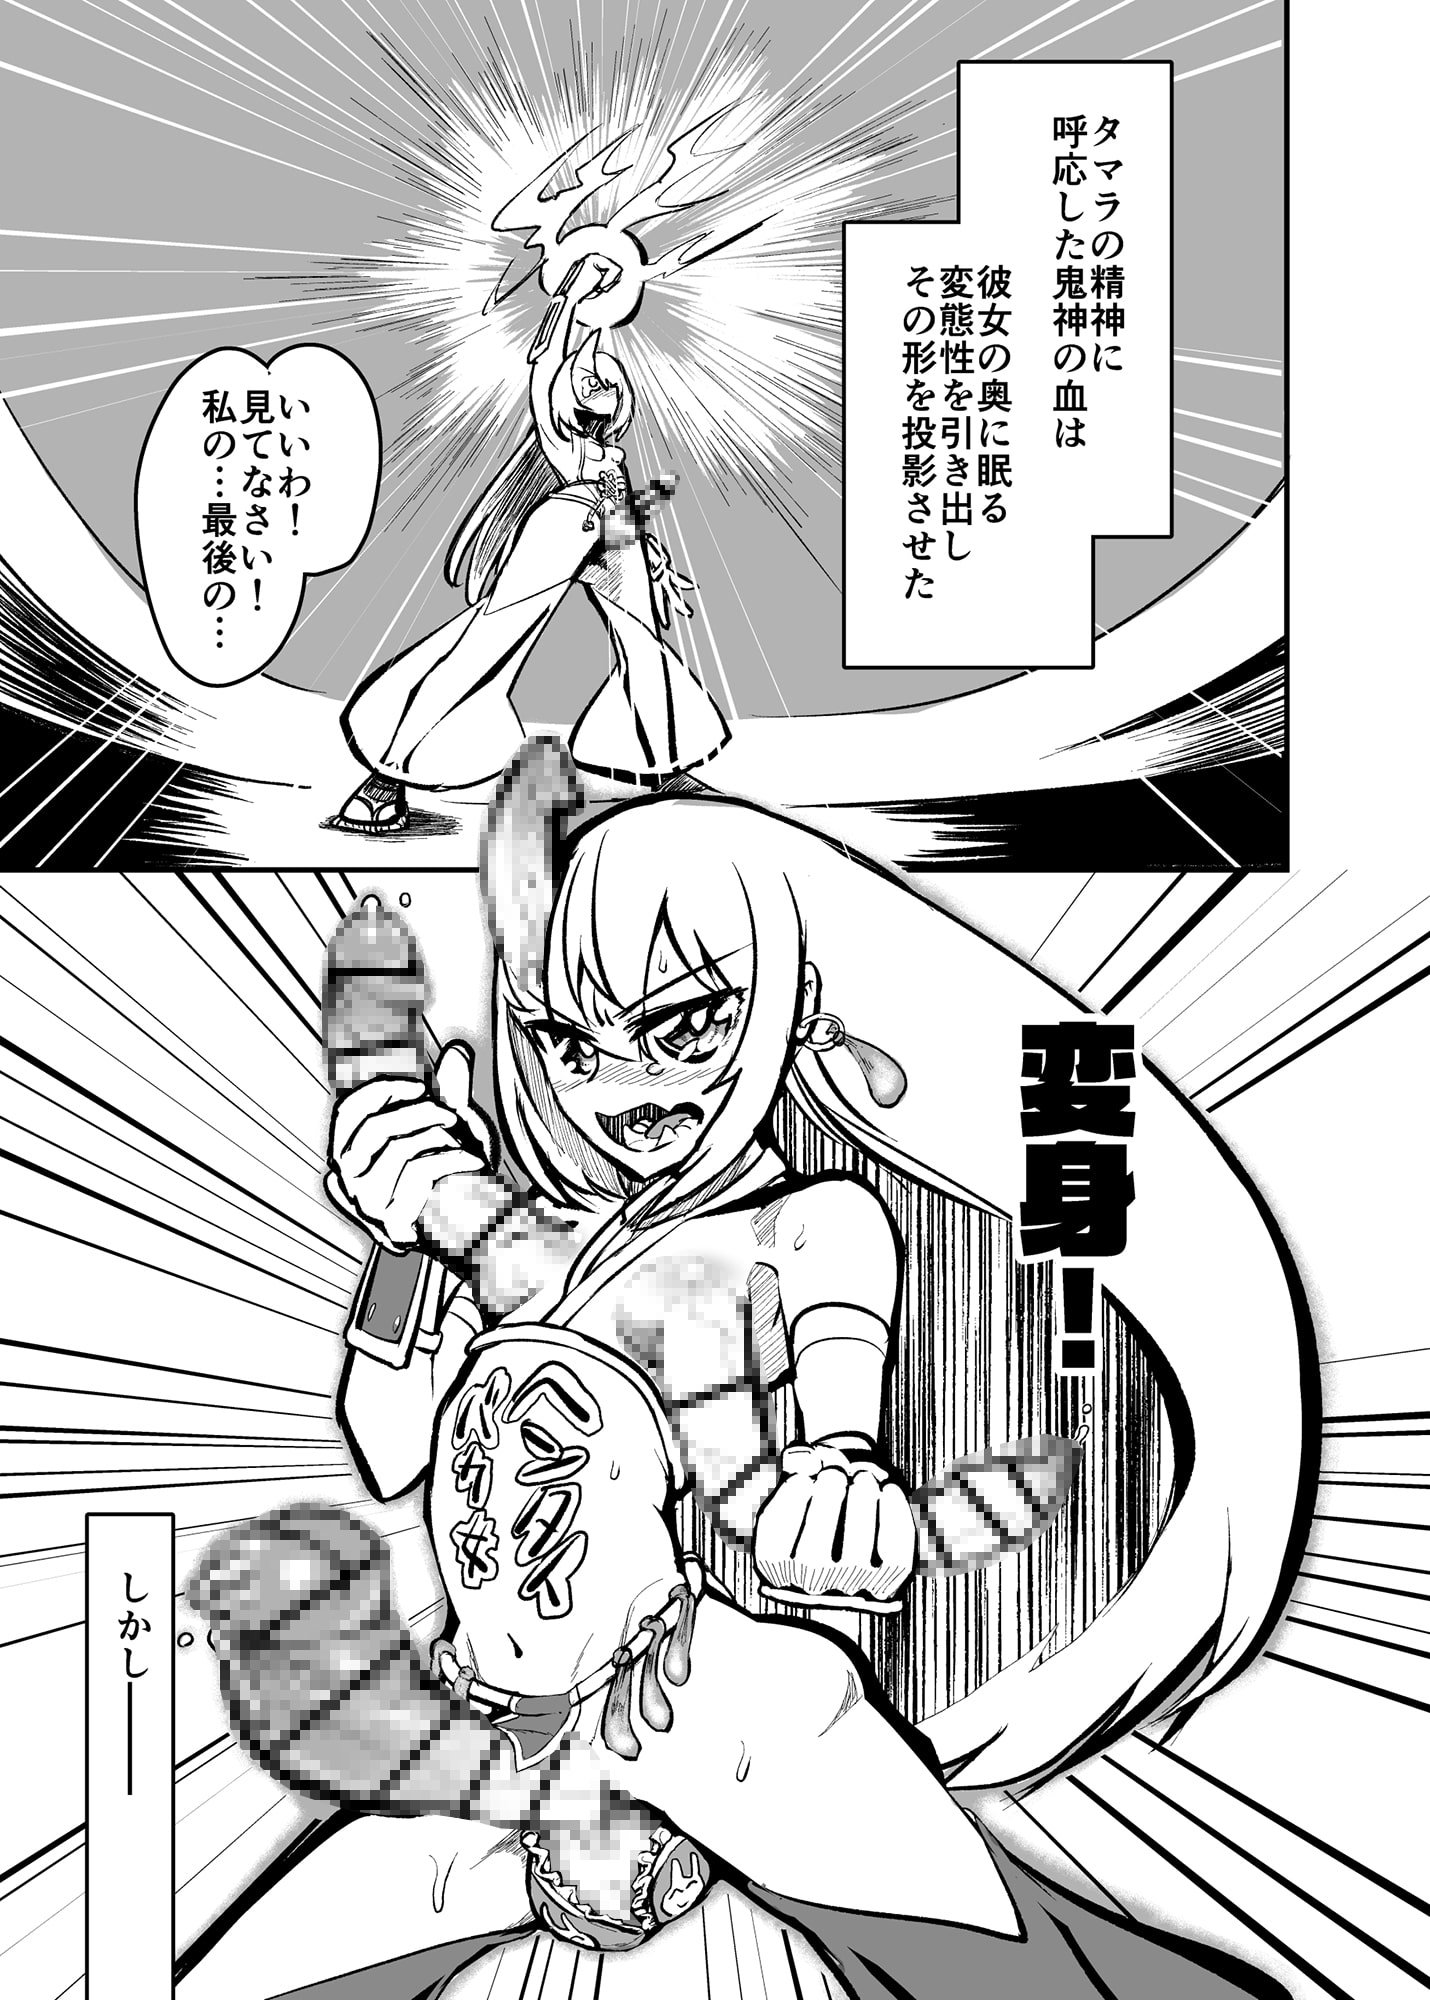 ふたなり闘鬼プリタマ★オウガ-ブリュル・クリームヒルデの侵蝕-